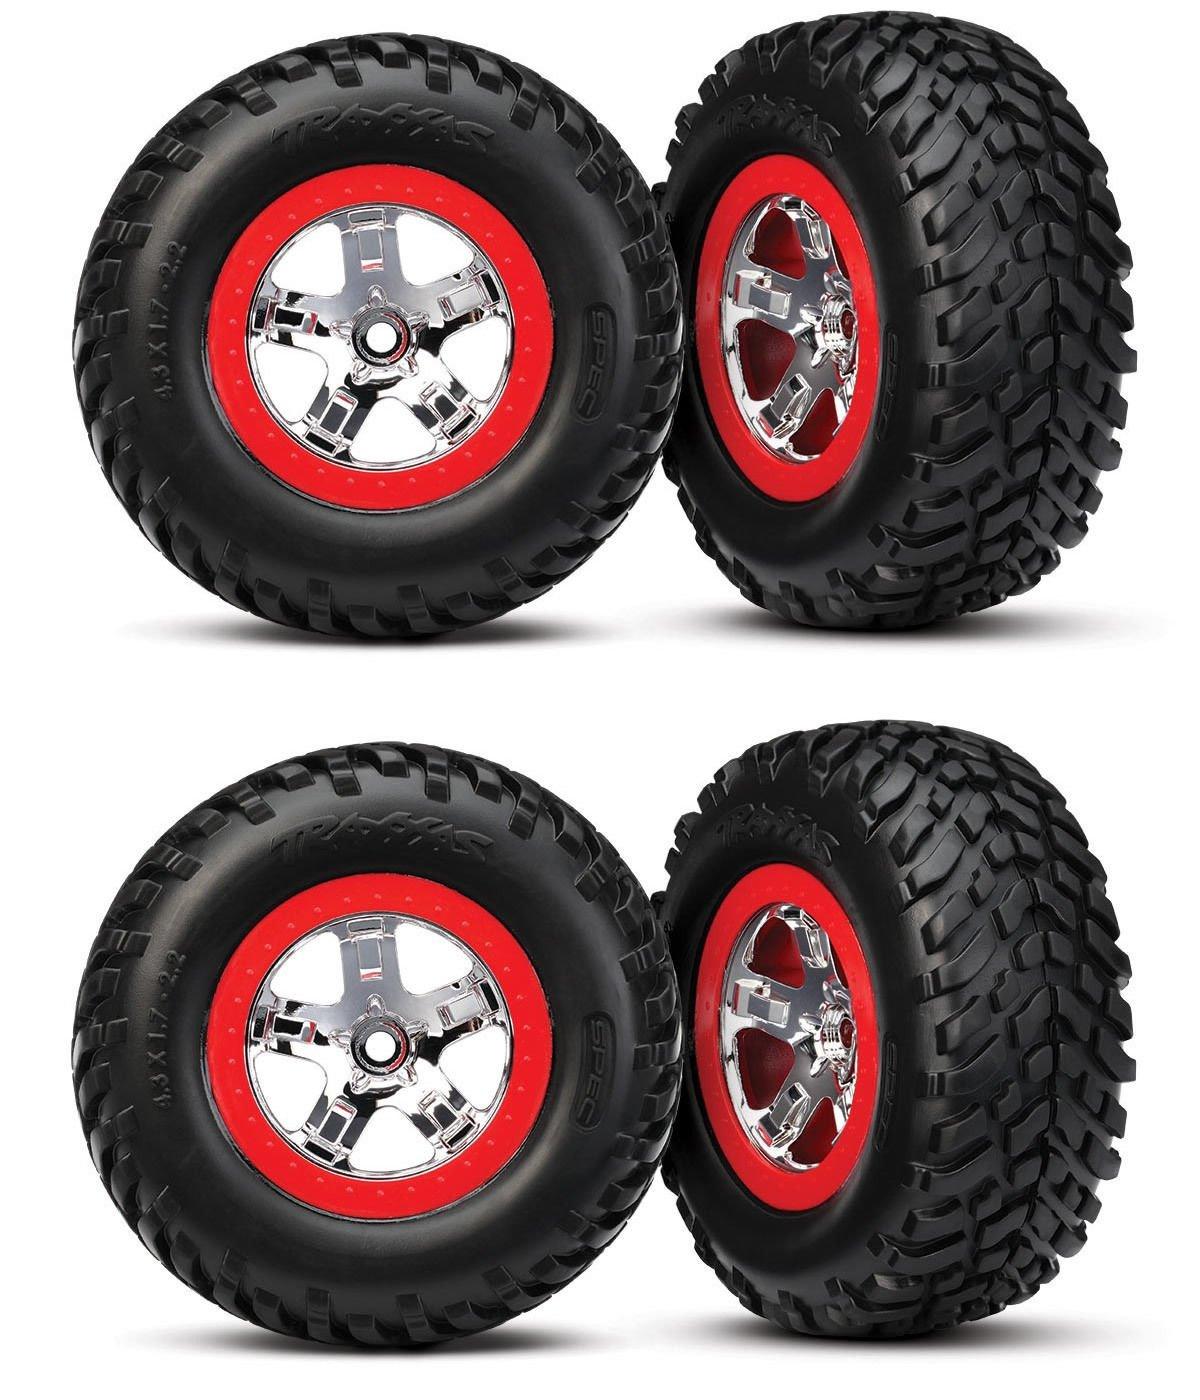 Traxxas Slash 58034-2 2wd Tires & 12mm Red Split Spoke Wheels/Fit Raptor